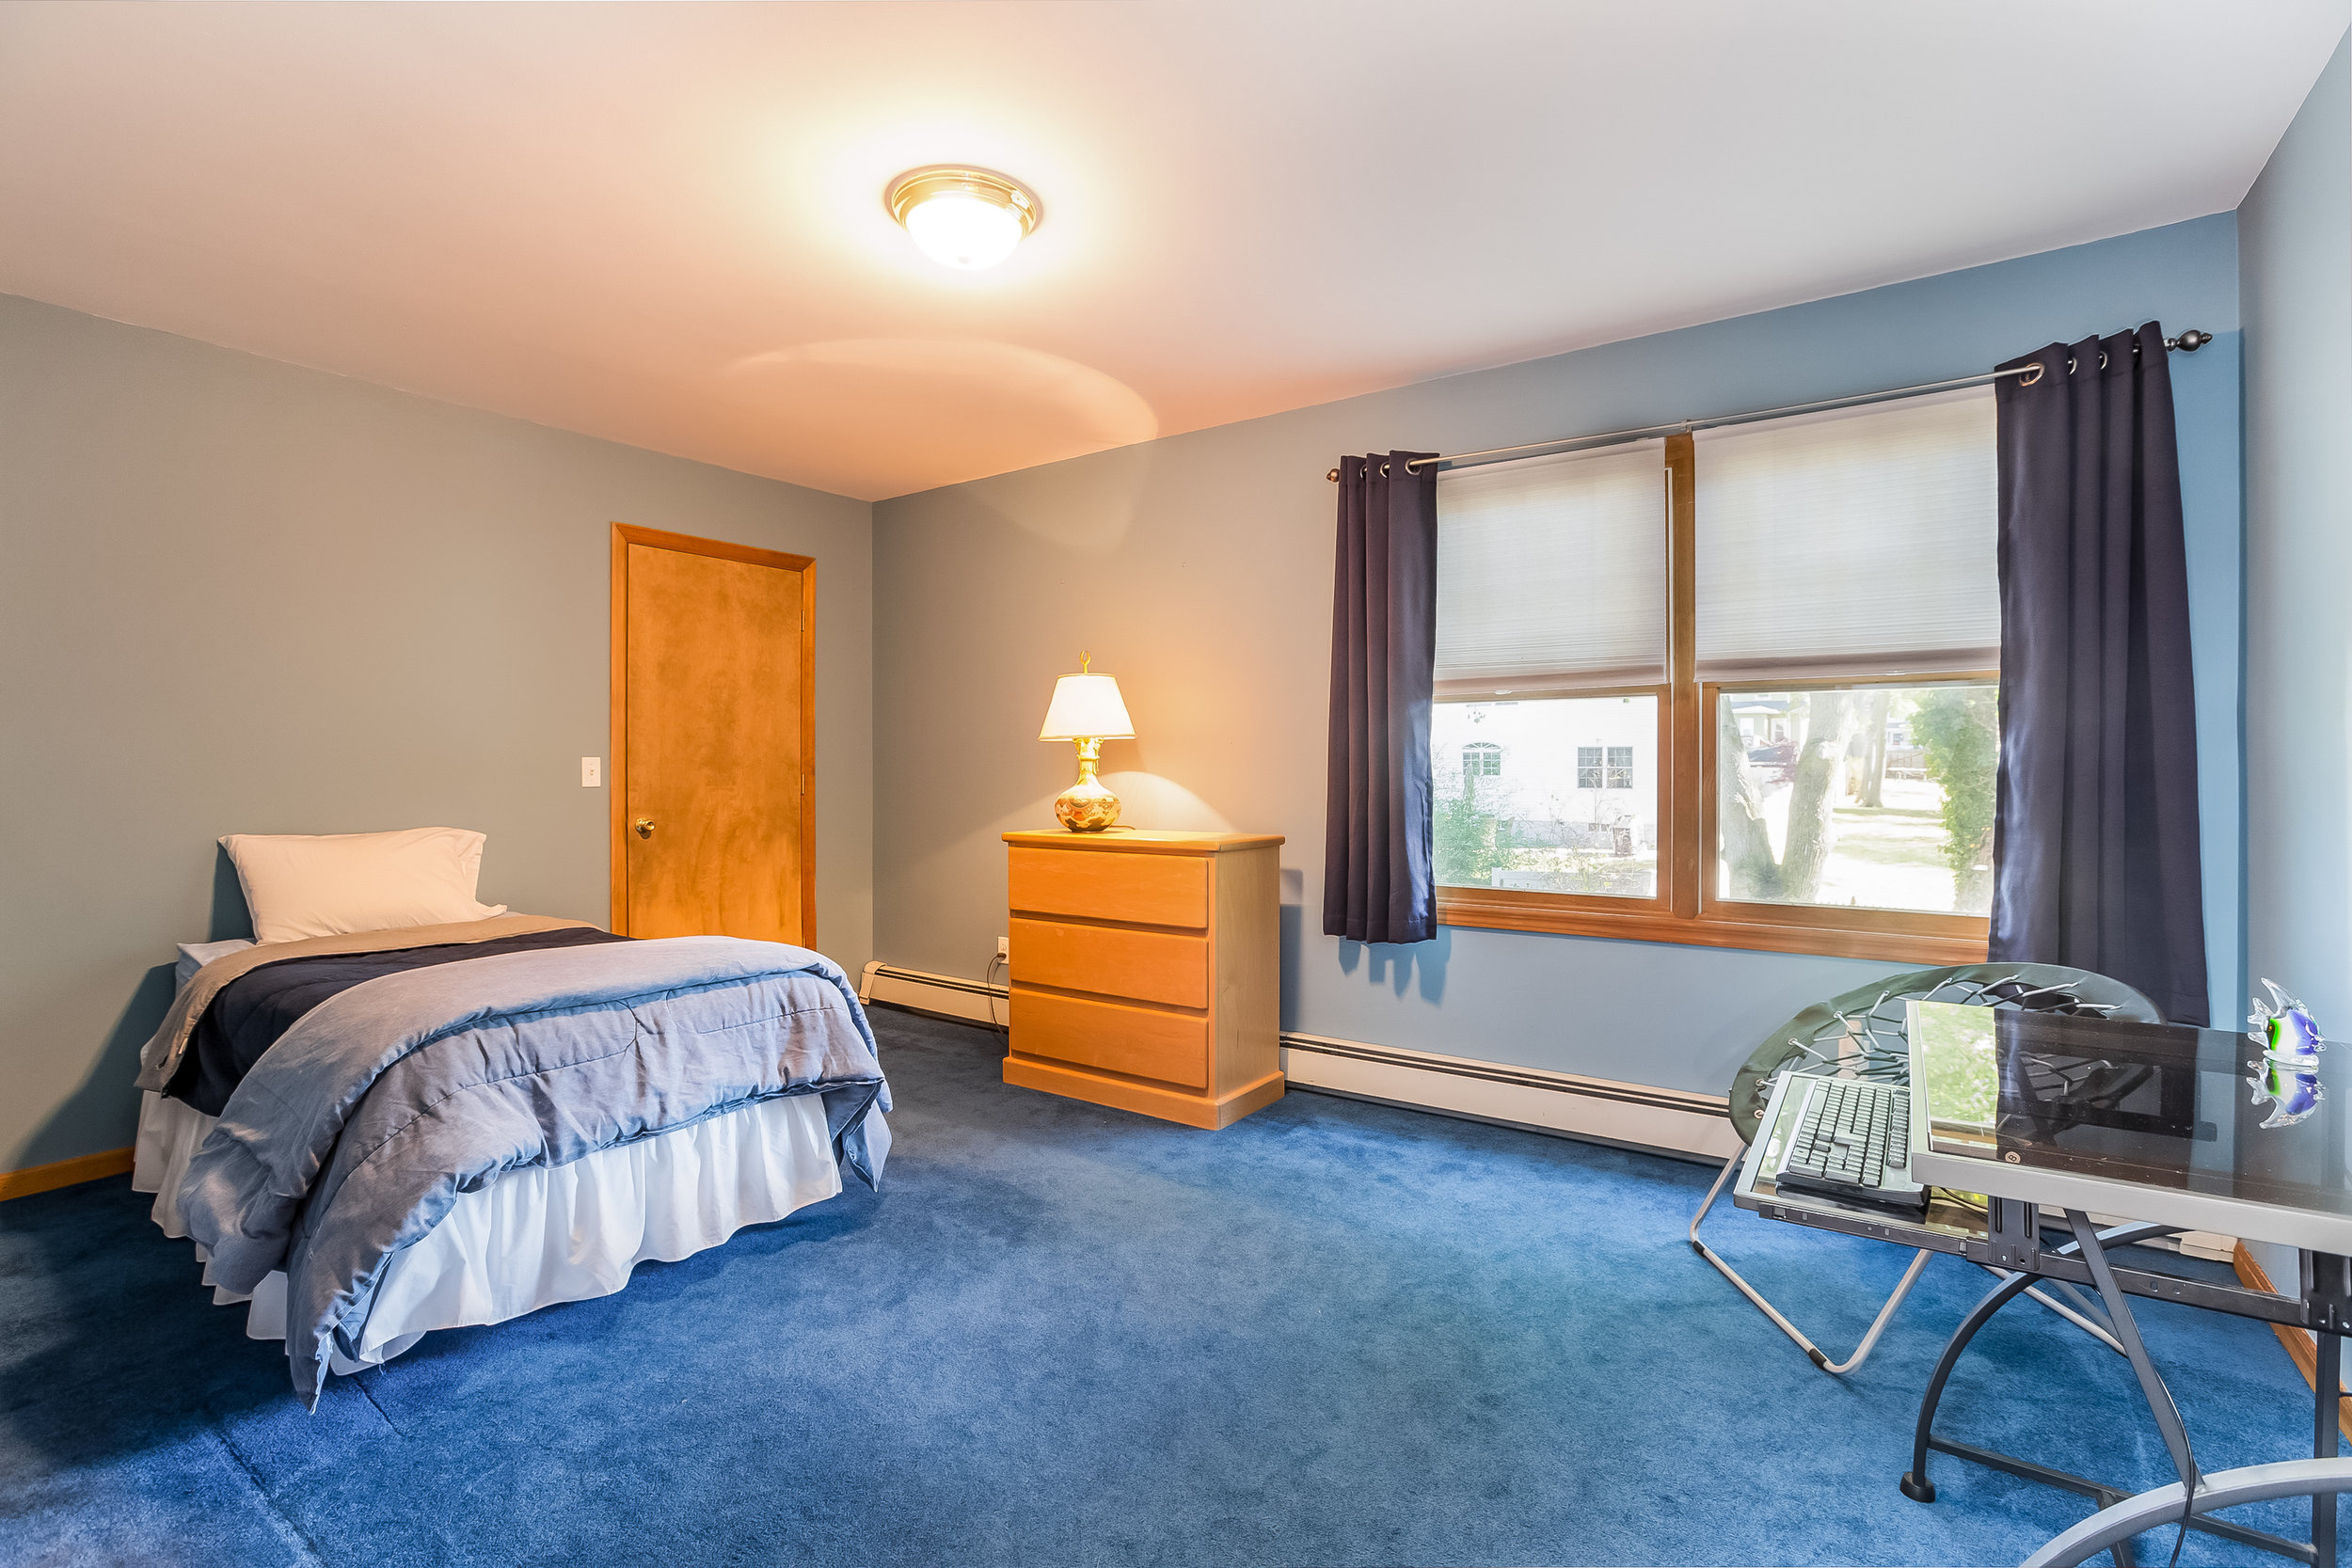 036-Bedroom-5002164-large.jpg